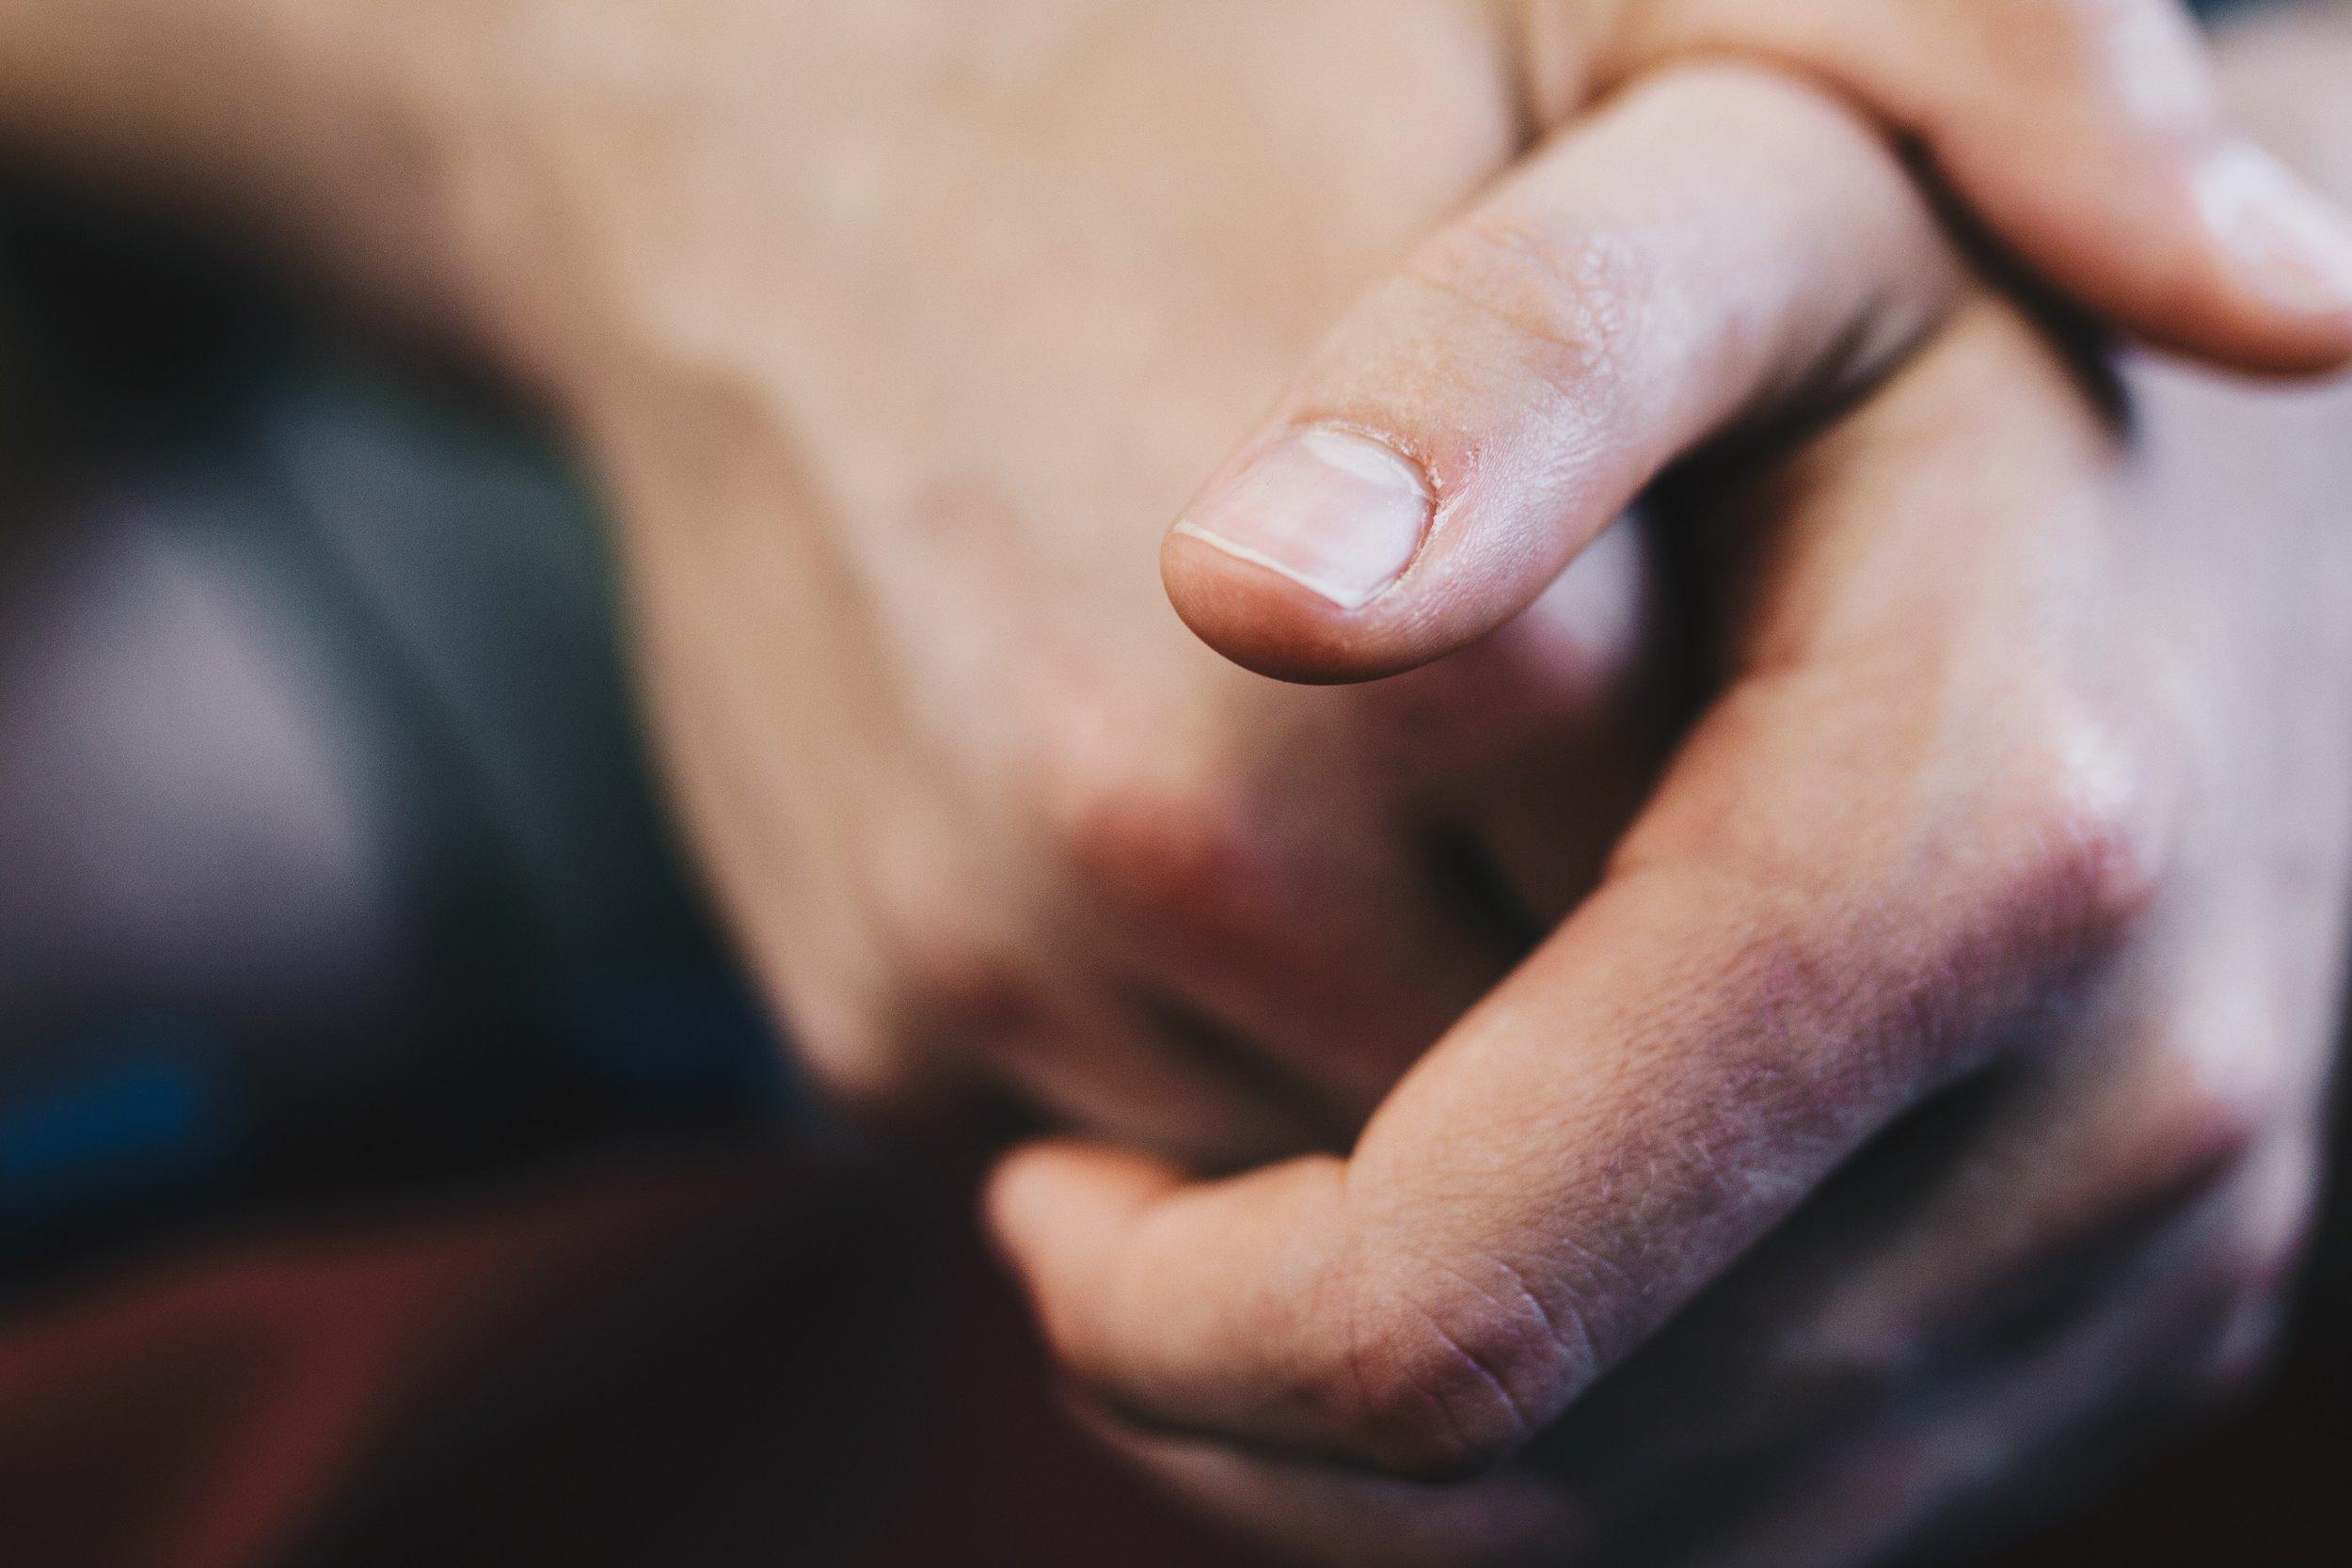 blur-fingers-hands-808960.jpg